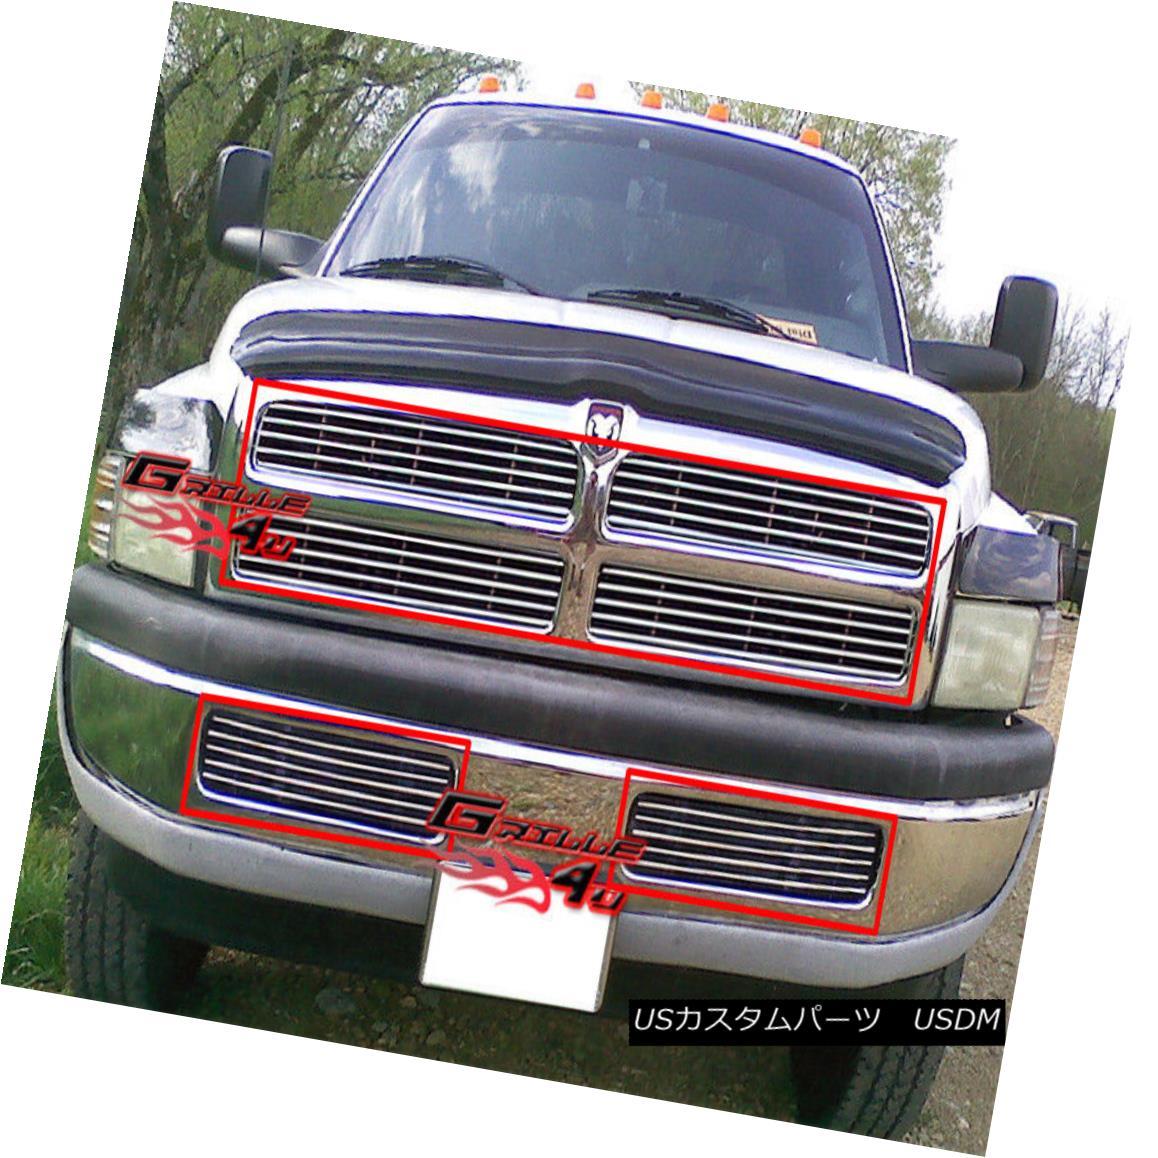 グリル For 94-01 Dodge Ram Pickup Billet Grille Combo Insert 94-01ダッジラムピックアップ用ビレットグリルコンボインサート